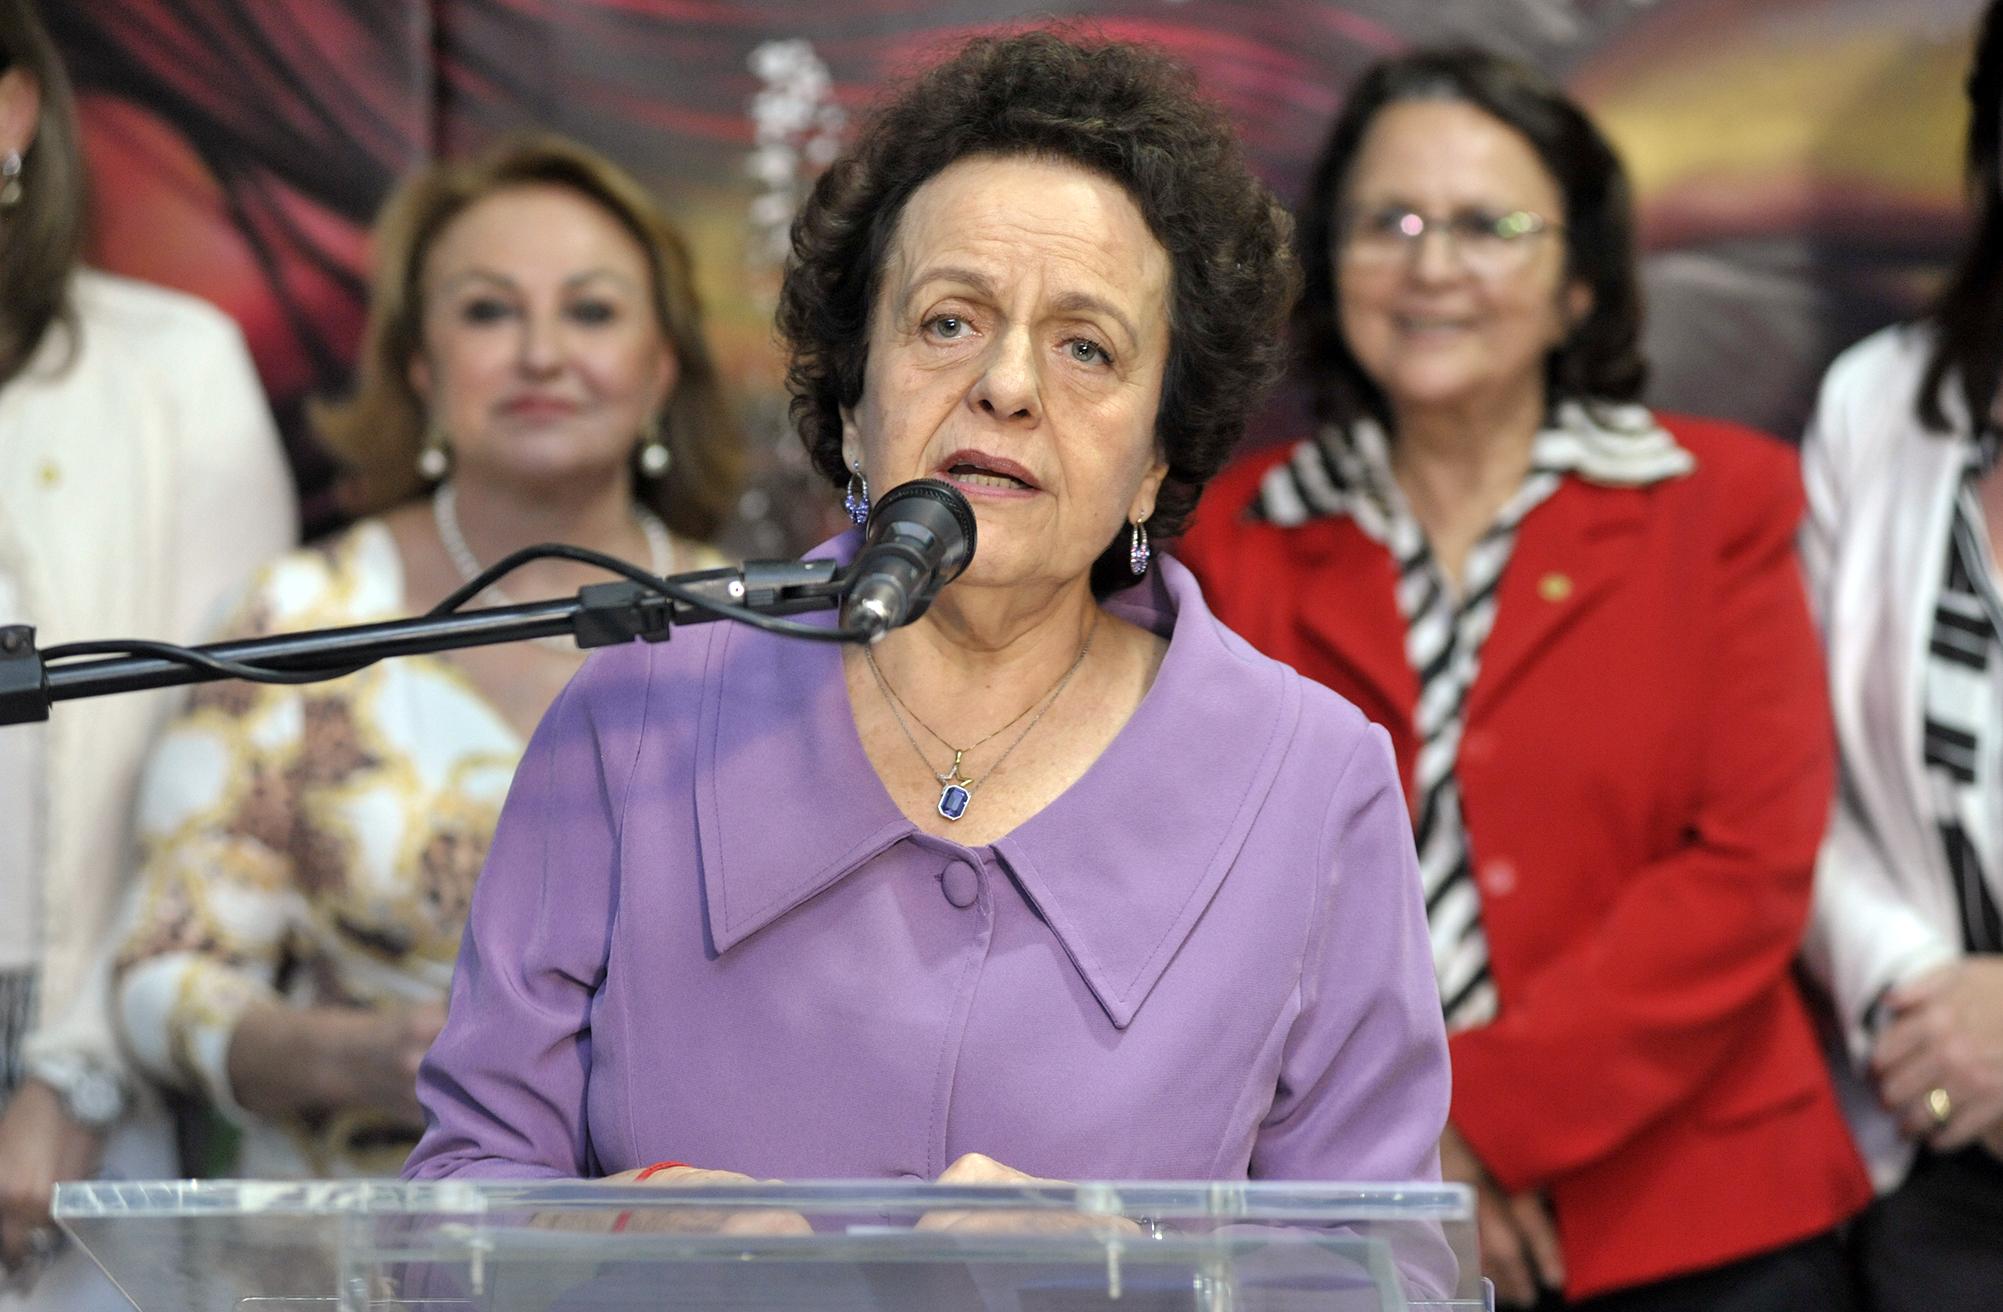 Ato em Comemoração aos 9 anos da Lei Maria da Penha. Ministra da Secretaria de Políticas para as Mulheres da Presidência da República, Eleonora Menicucci de Oliveira